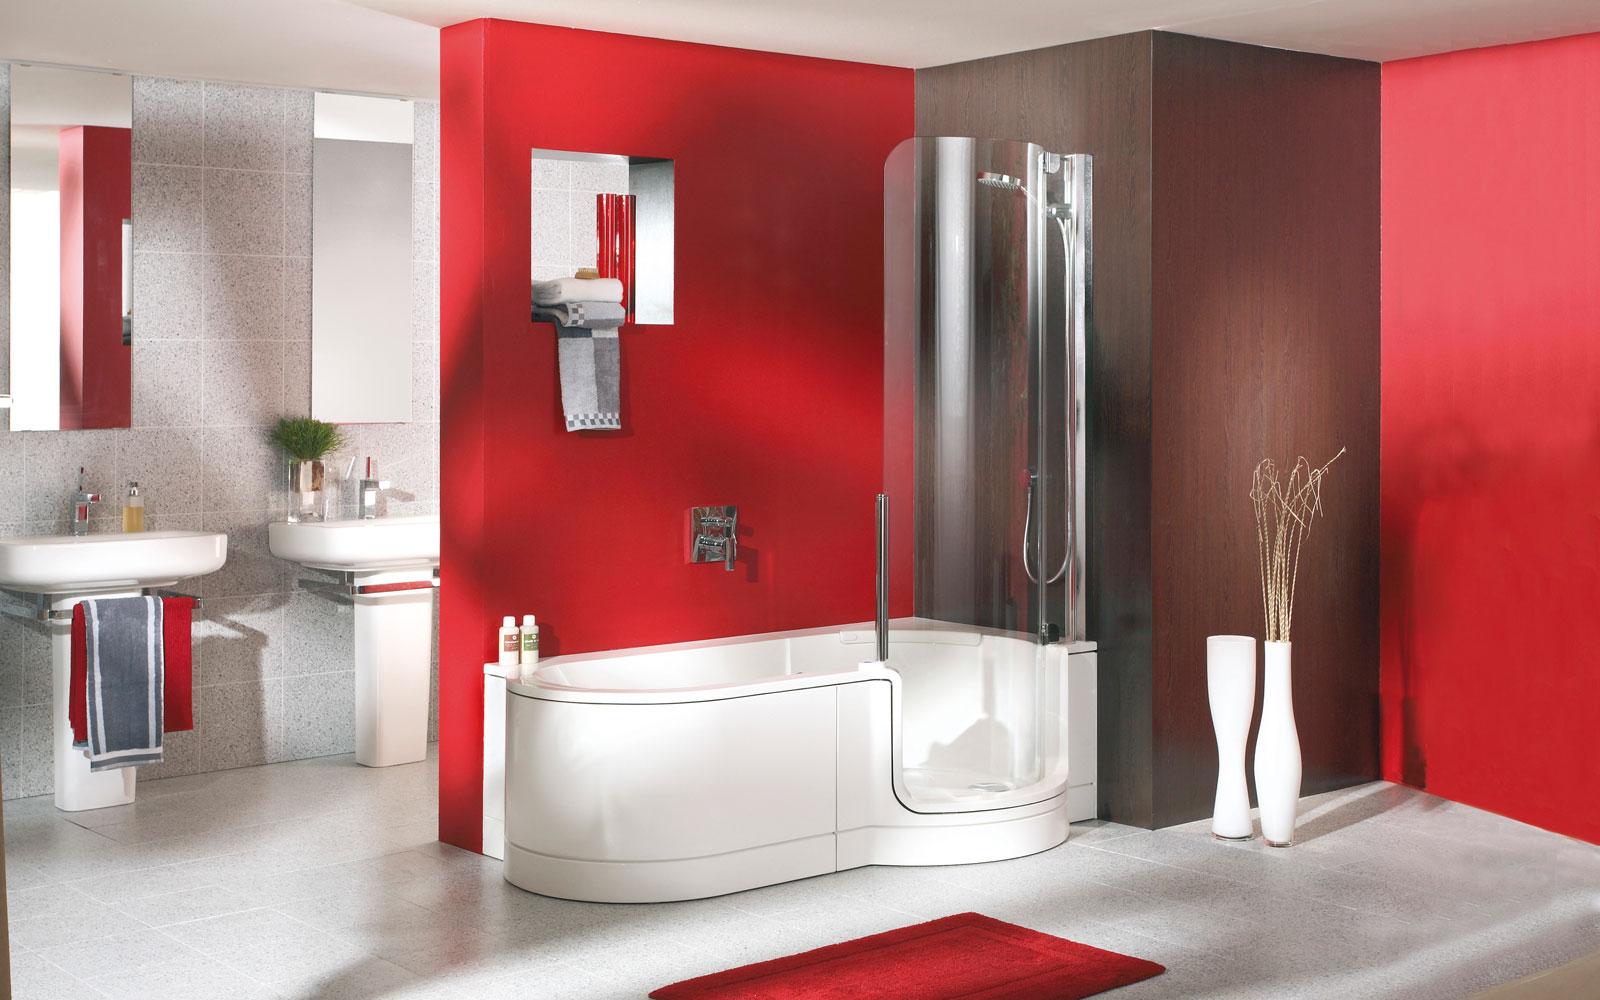 Duschbadewanne mit Einstieg | Baral | Bad | Heizung | Renovierung